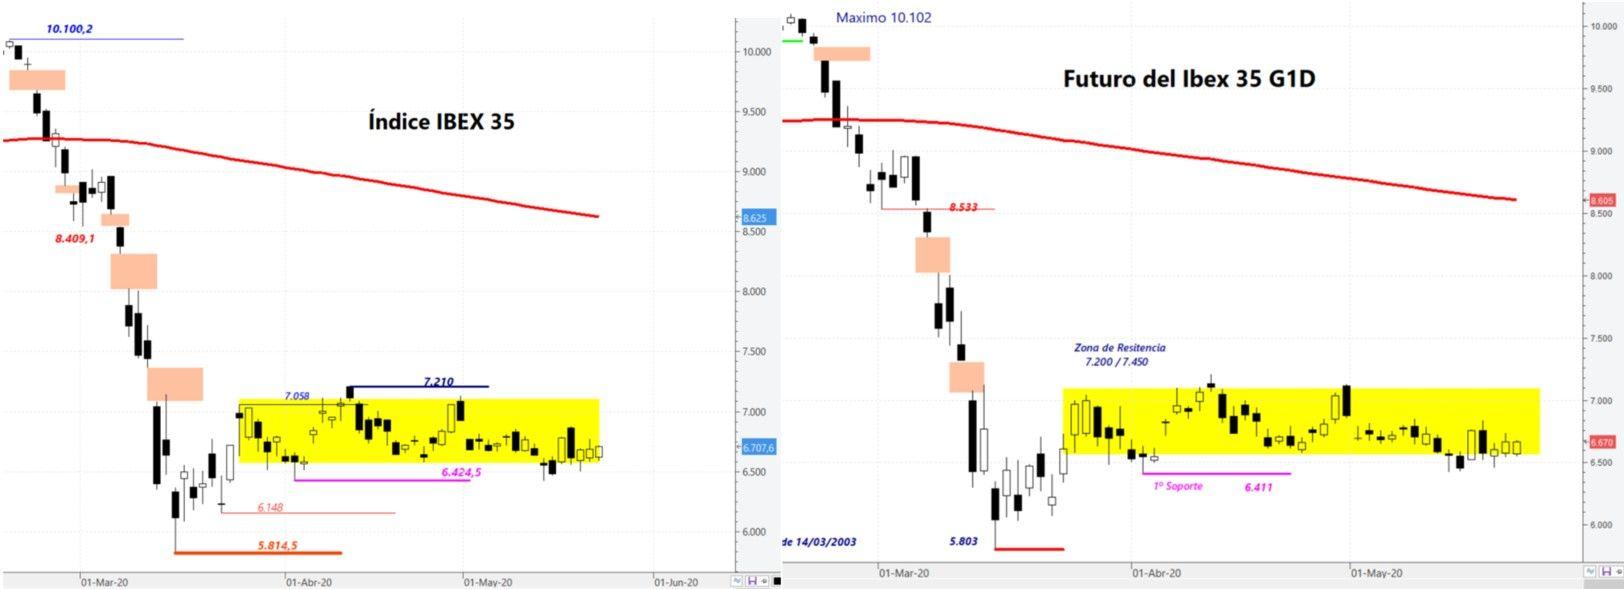 Ibex35 índice y futuro. Comparación